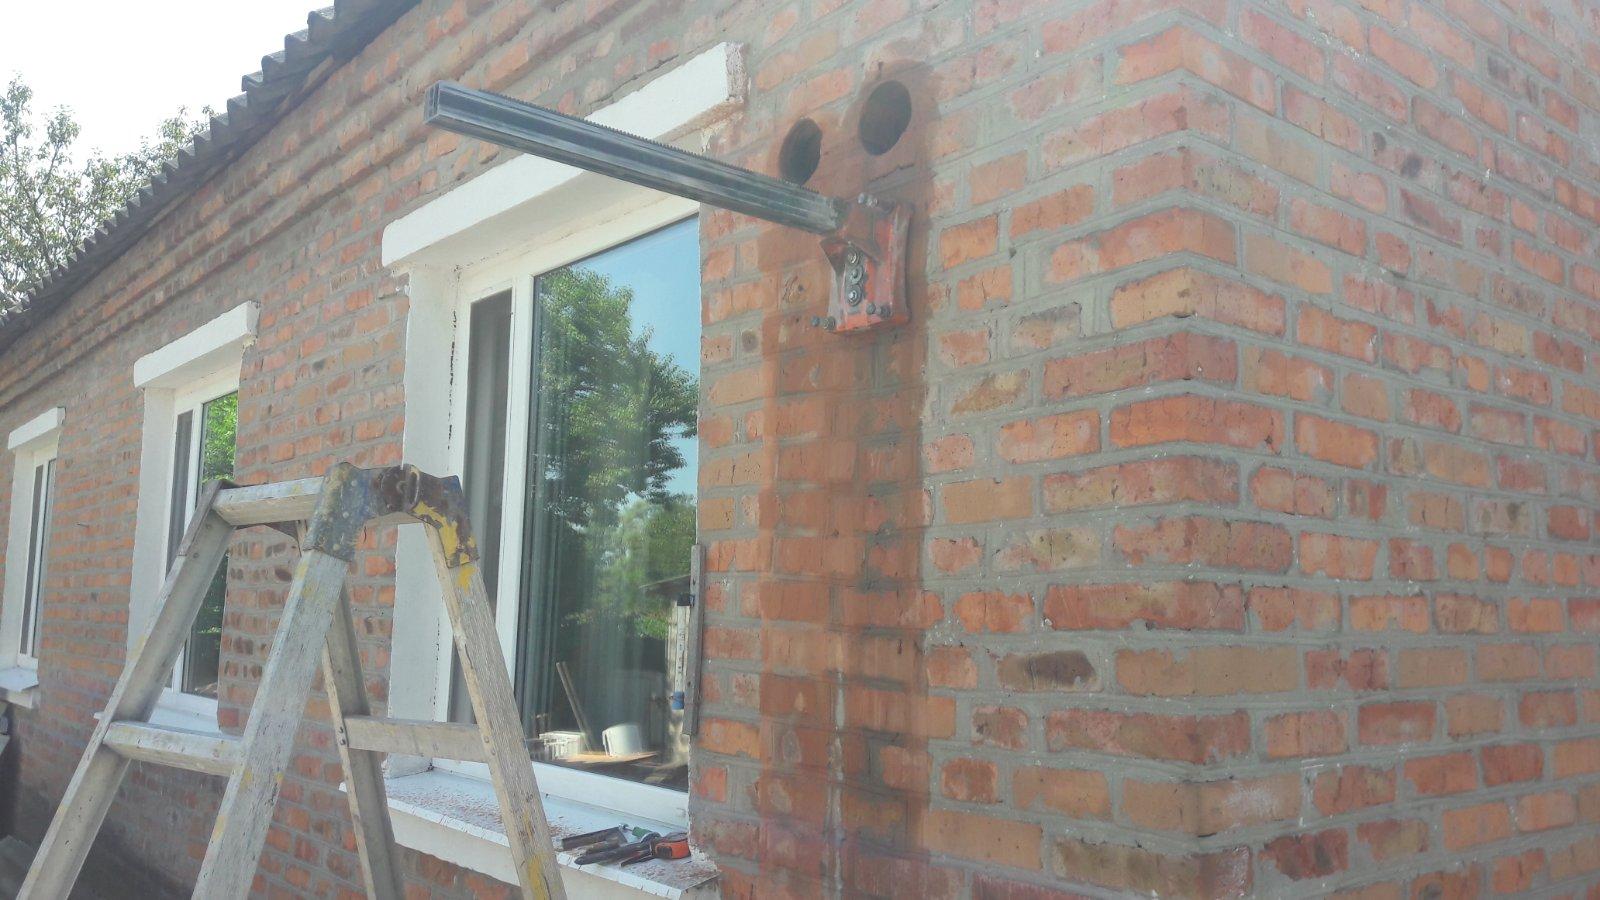 Фото Алмазное бурение (сверление) отверстий в кирпичной стене под вентиляцию.